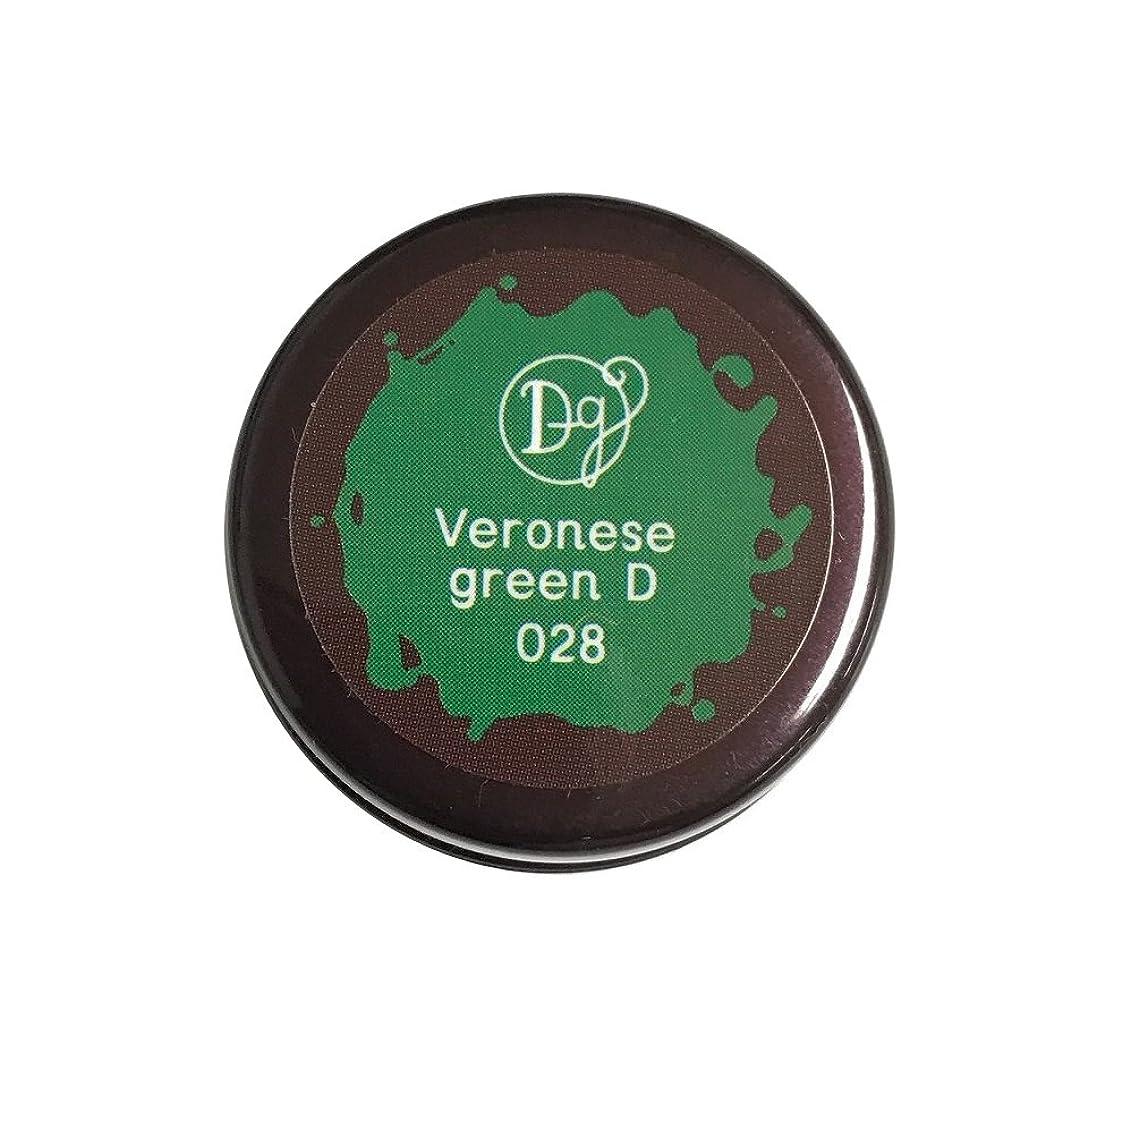 郵便局チラチラする禁止するDECORA GIRL カラージェル #028 ヴェネローゼグリーンディープ